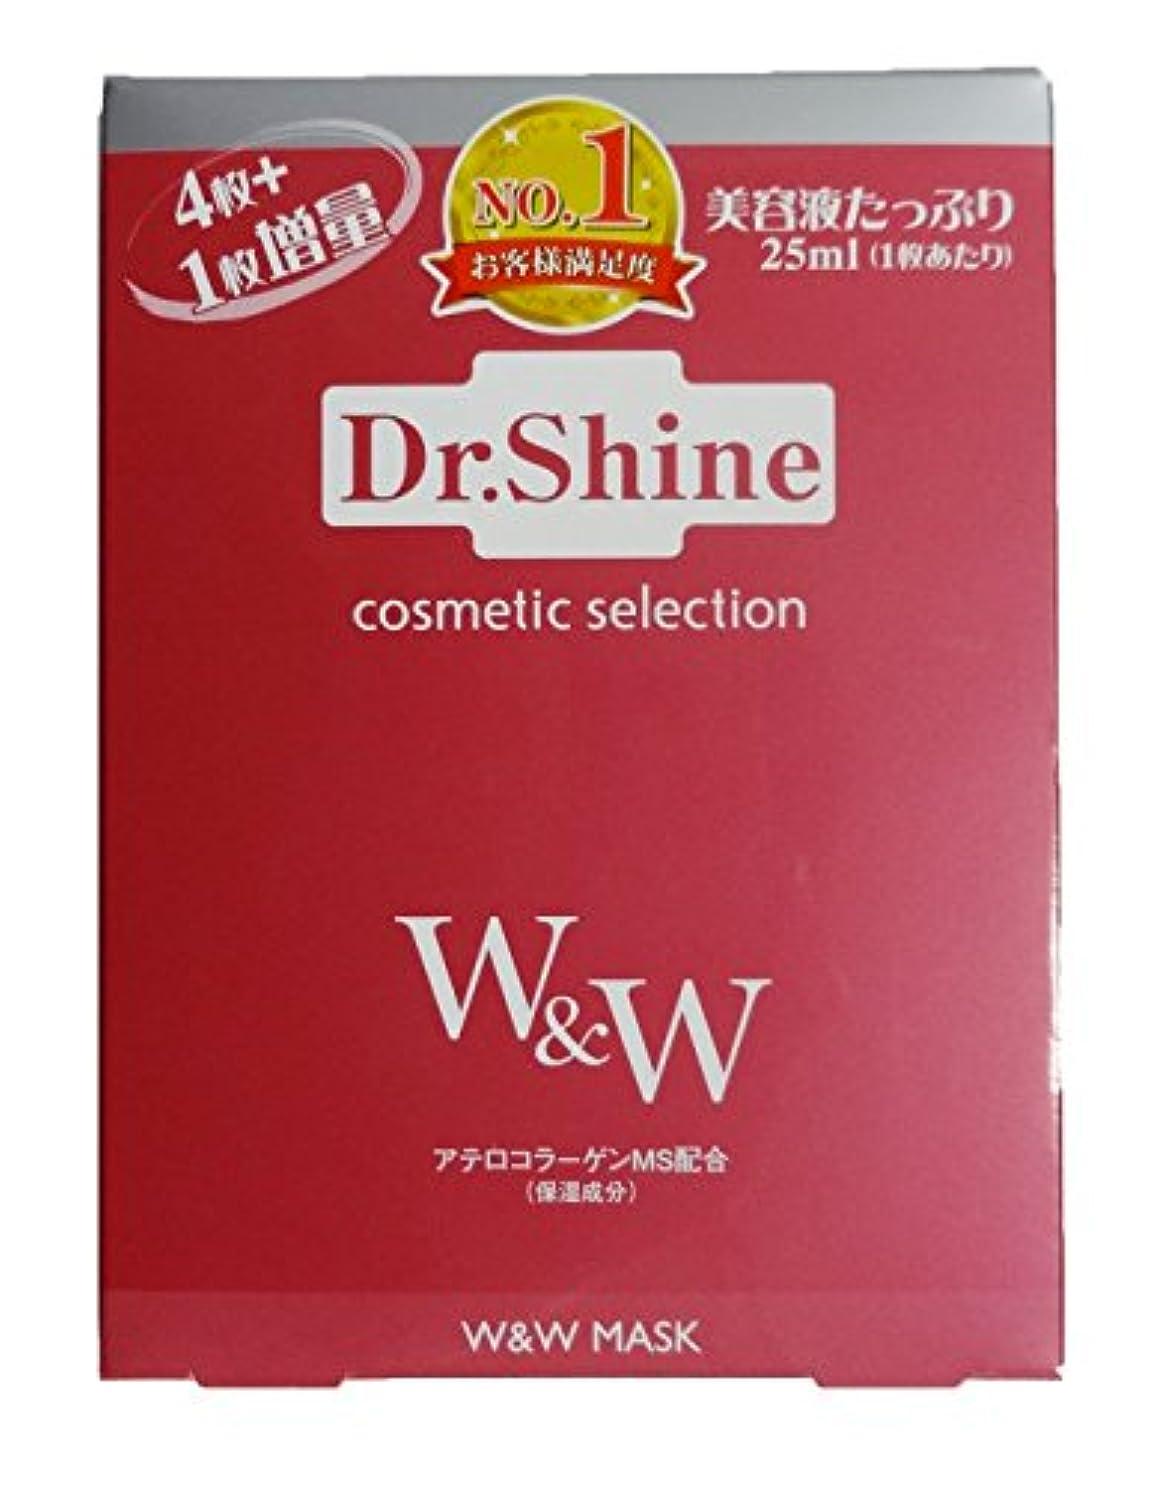 ポーズ監査公園Dr.Shine(ドクターシャイン) フェイスマスクW&W 5枚入